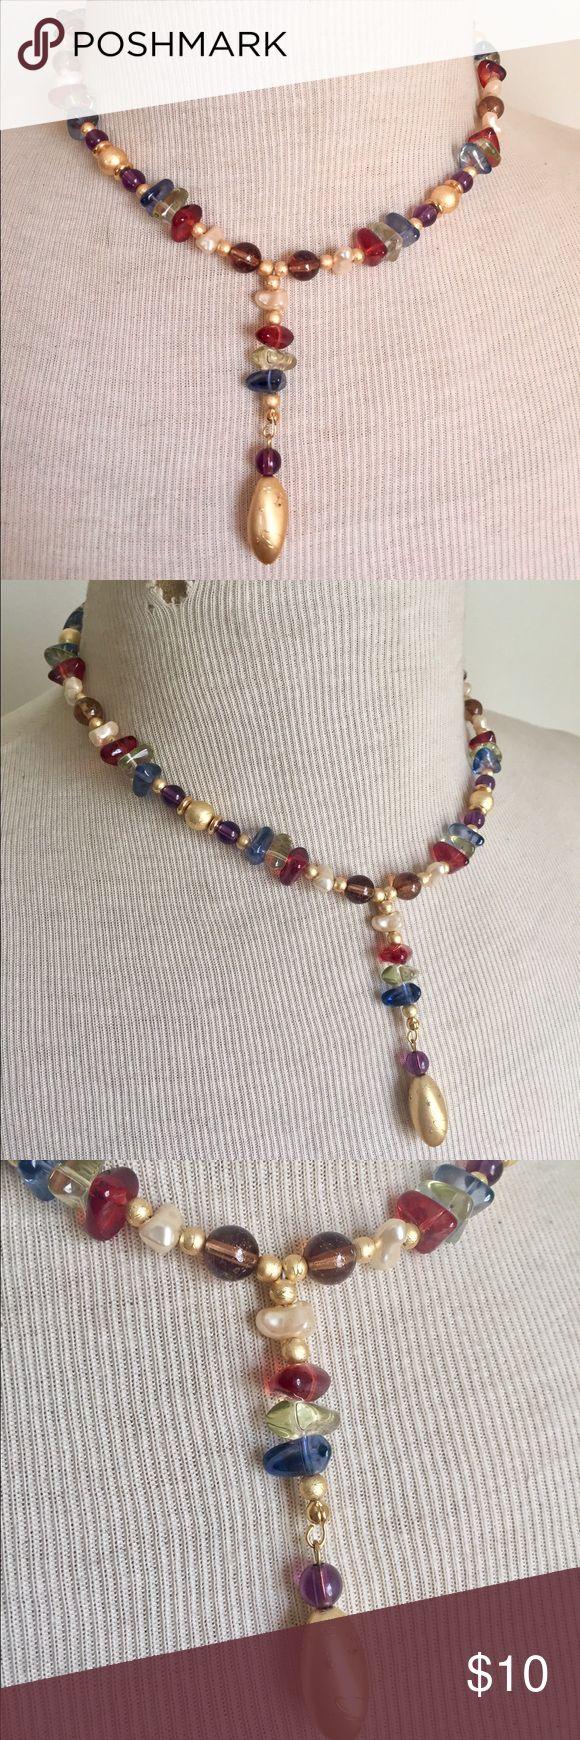 Liz Claiborne Beaded Y Necklace Great condition Liz Claiborne Jewelry Necklaces